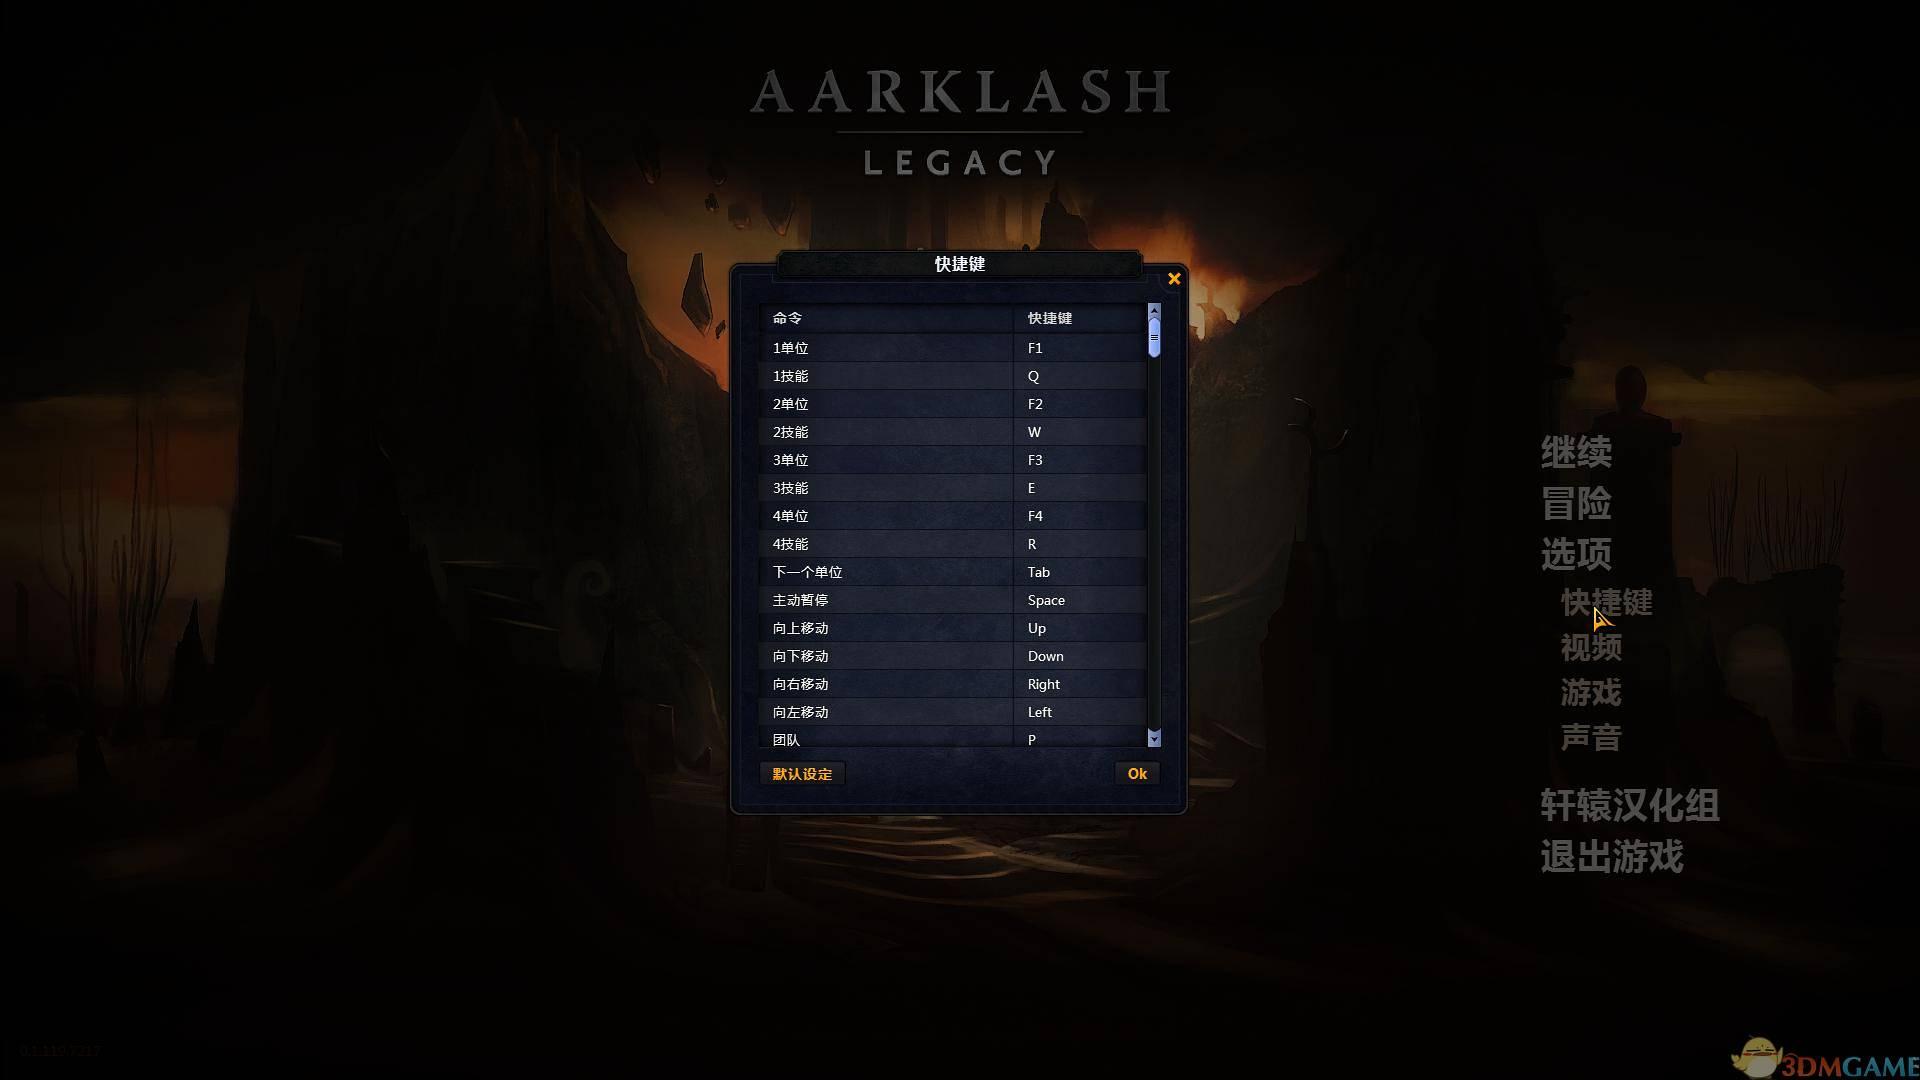 阿克拉什:遗产/阿克拉什传承 v0.1.119.7217